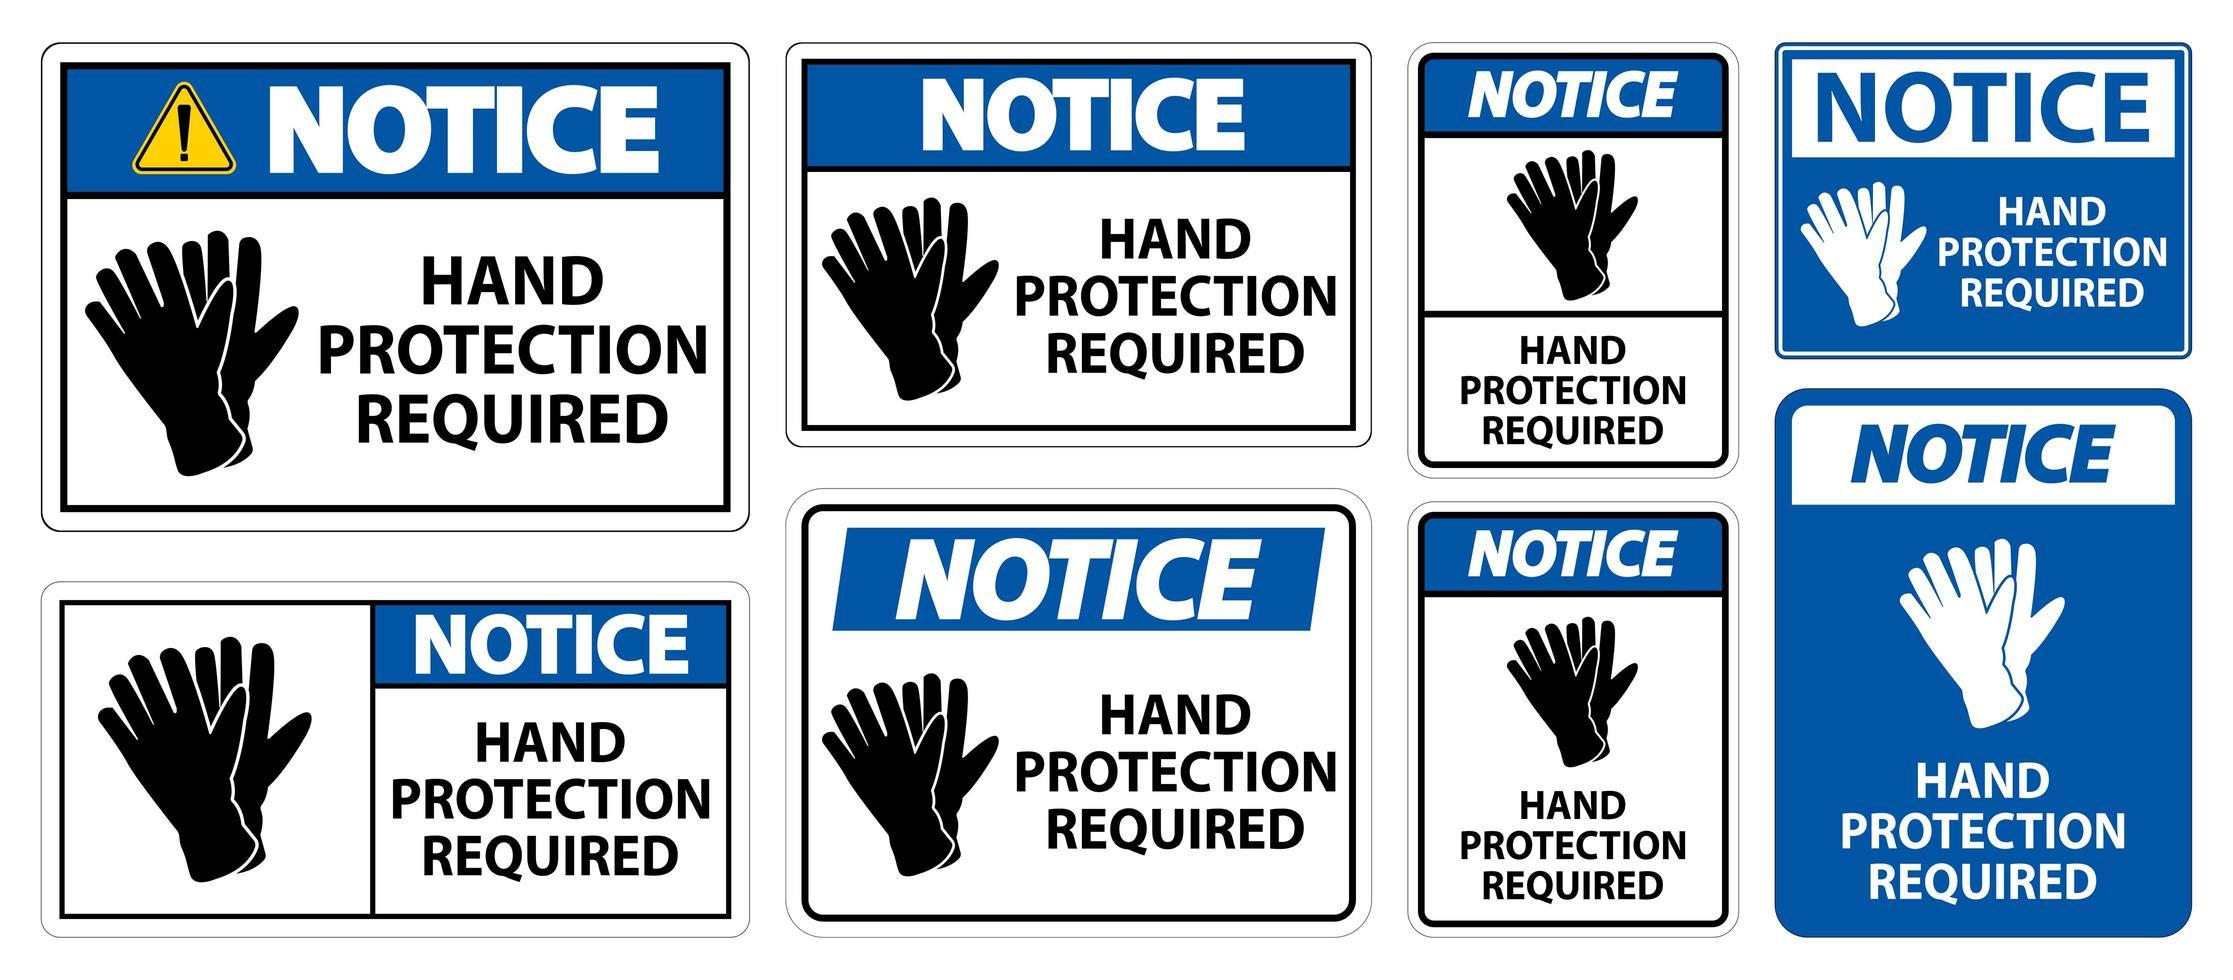 ensemble de panneaux de protection des mains requis vecteur